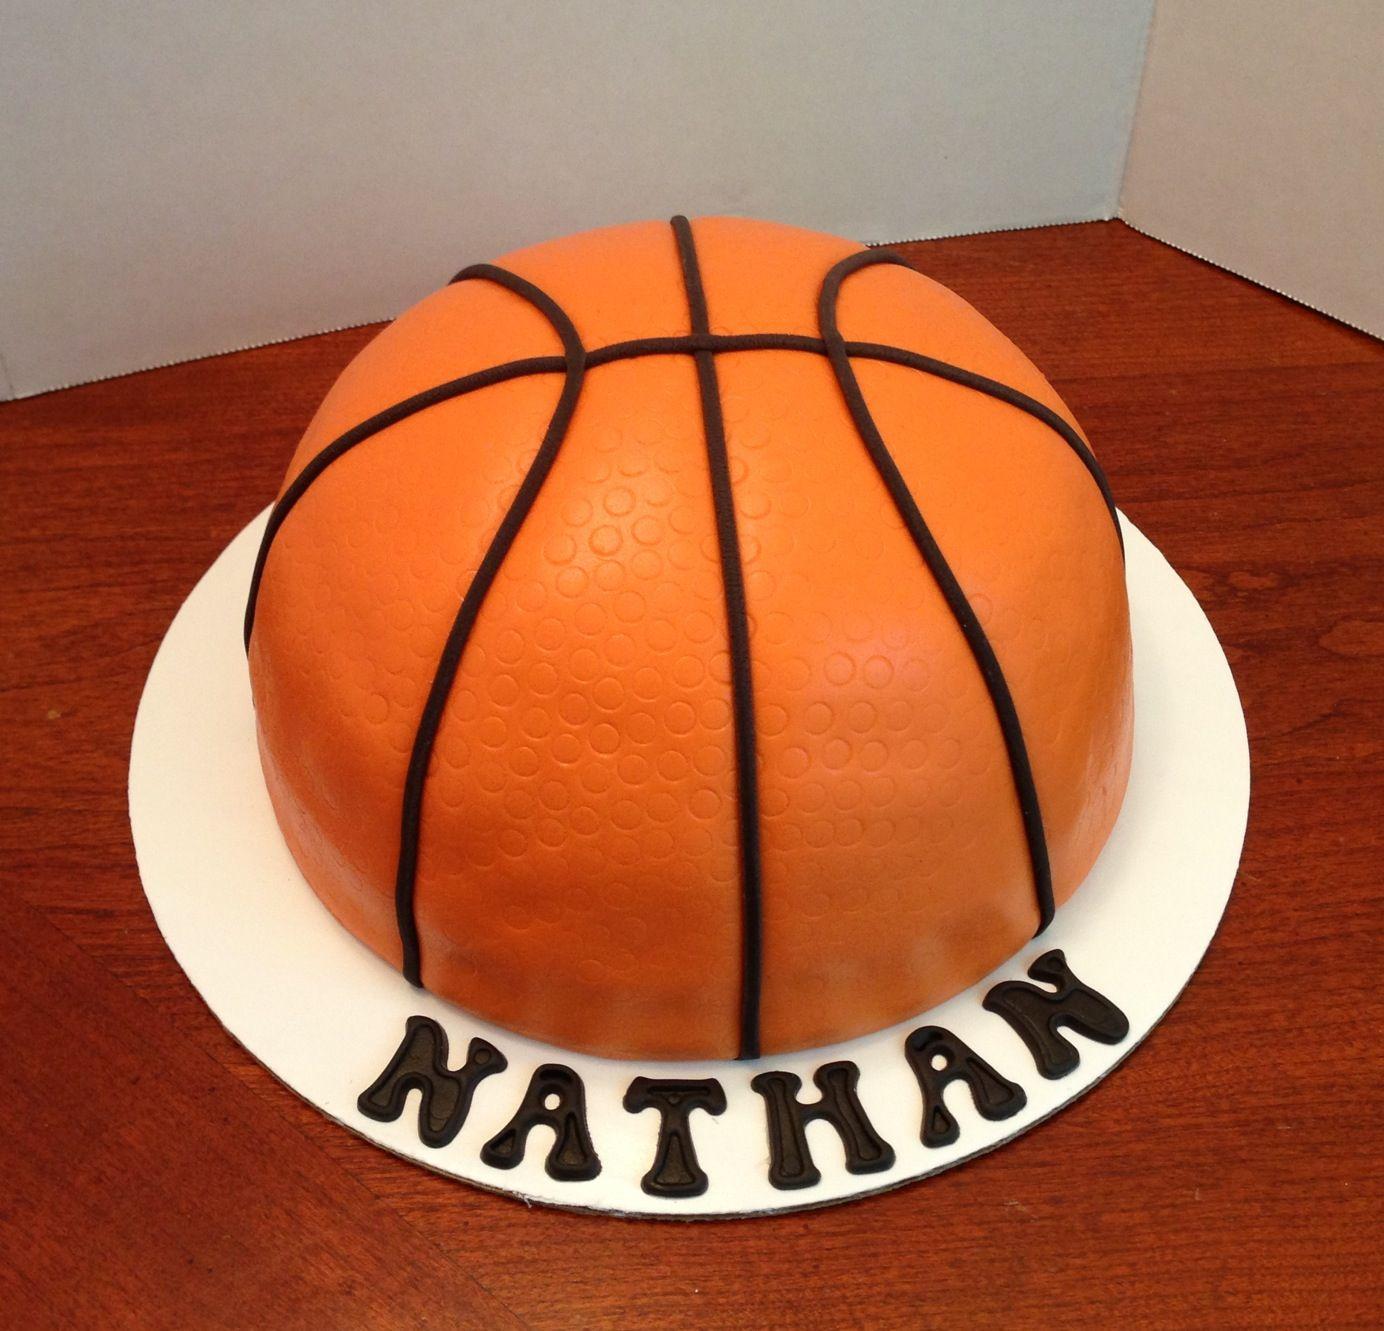 Birthday Cake For Basketball ~ Half basketball cake all fondant karen reeves custom cakes pinterest birthday